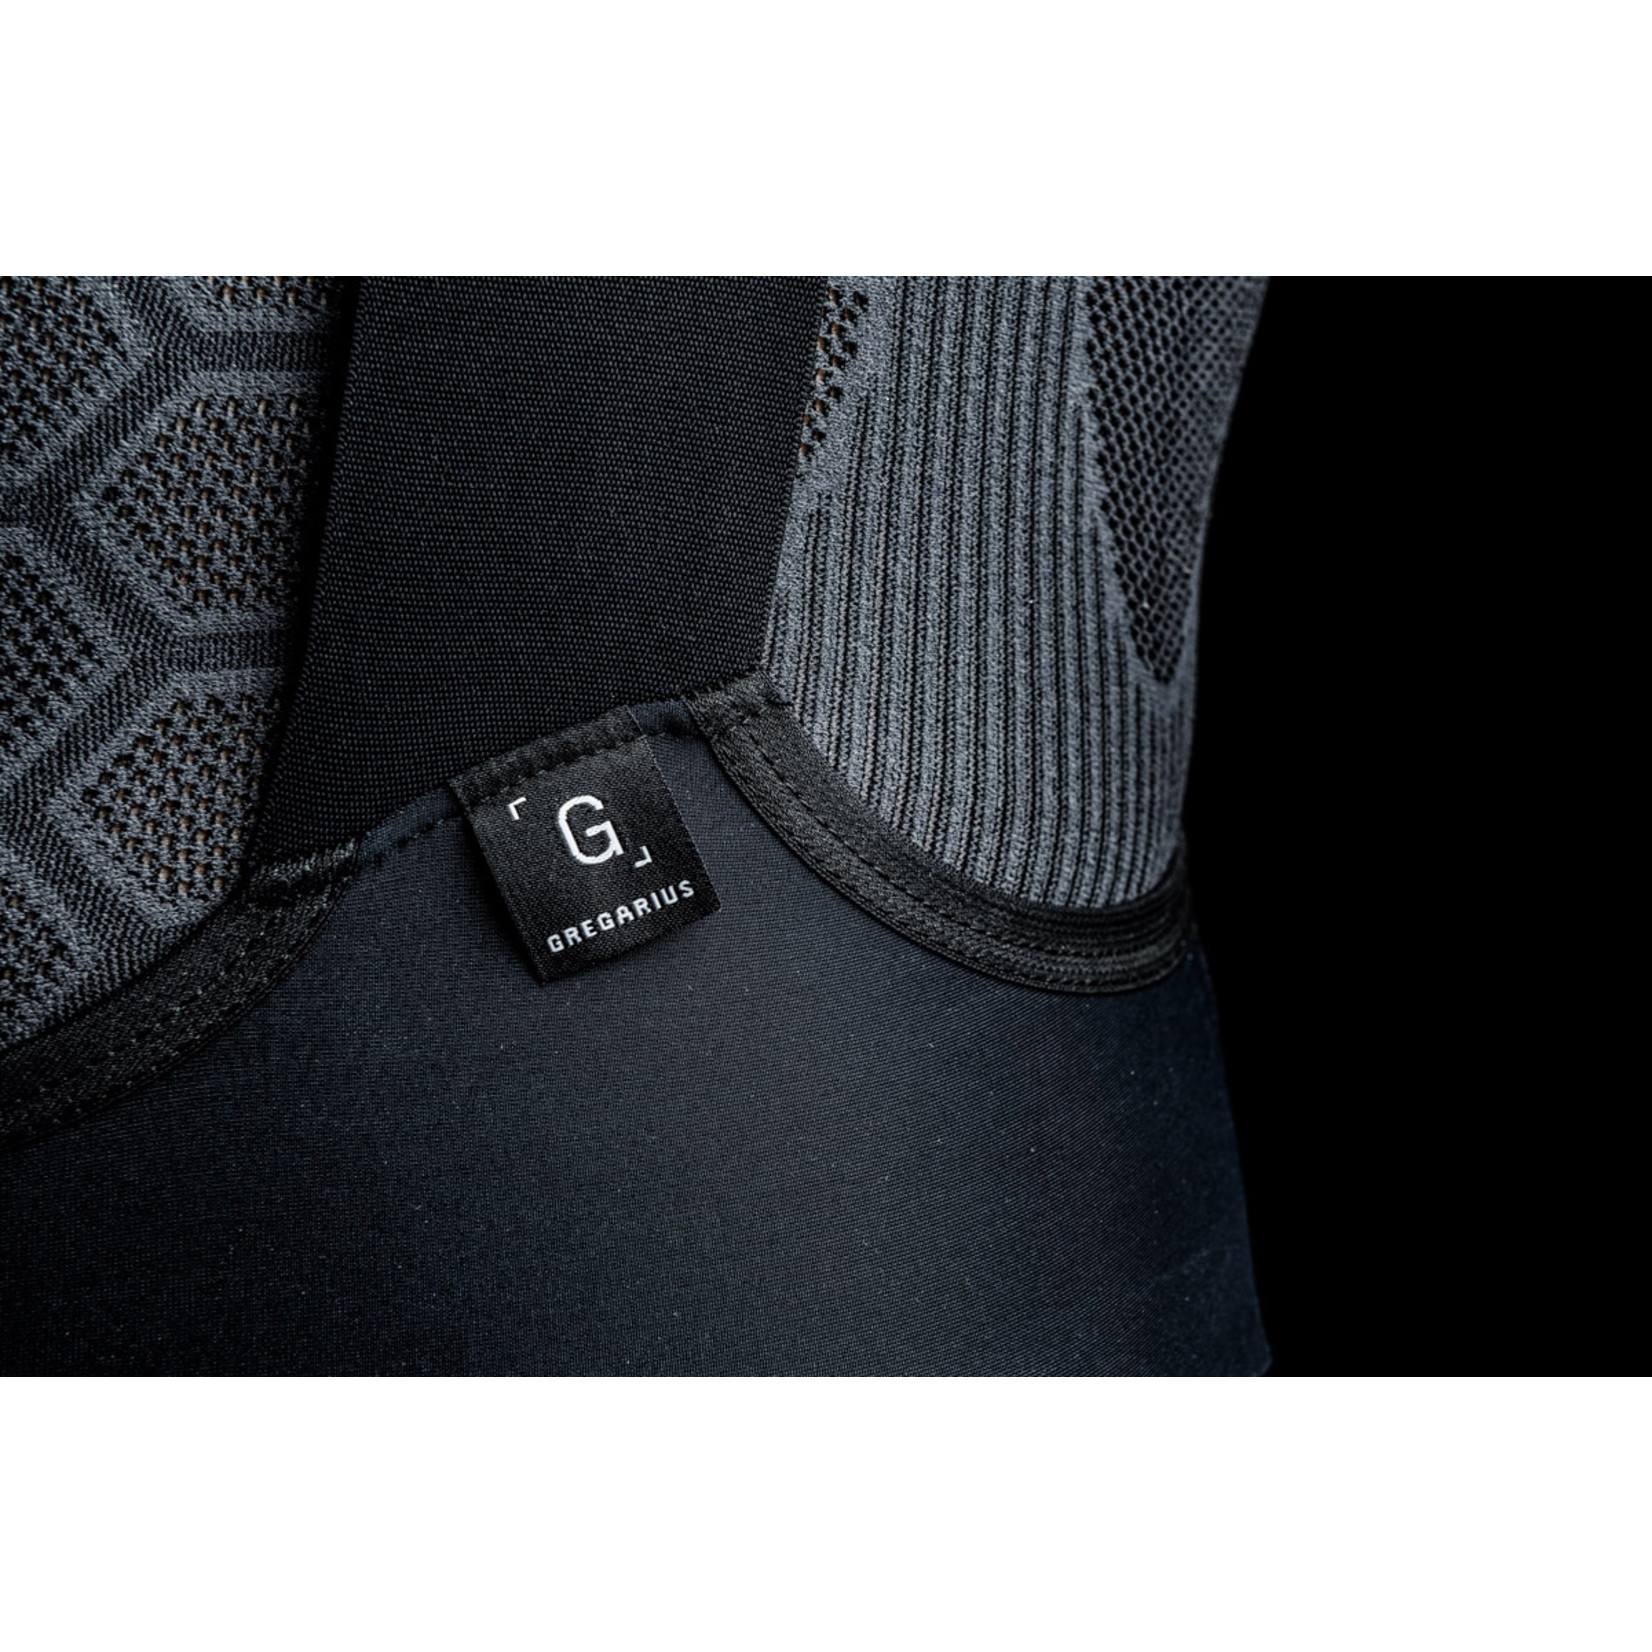 Q36.5 Q36.5 Gregarius Ultra Bib Shorts - Black